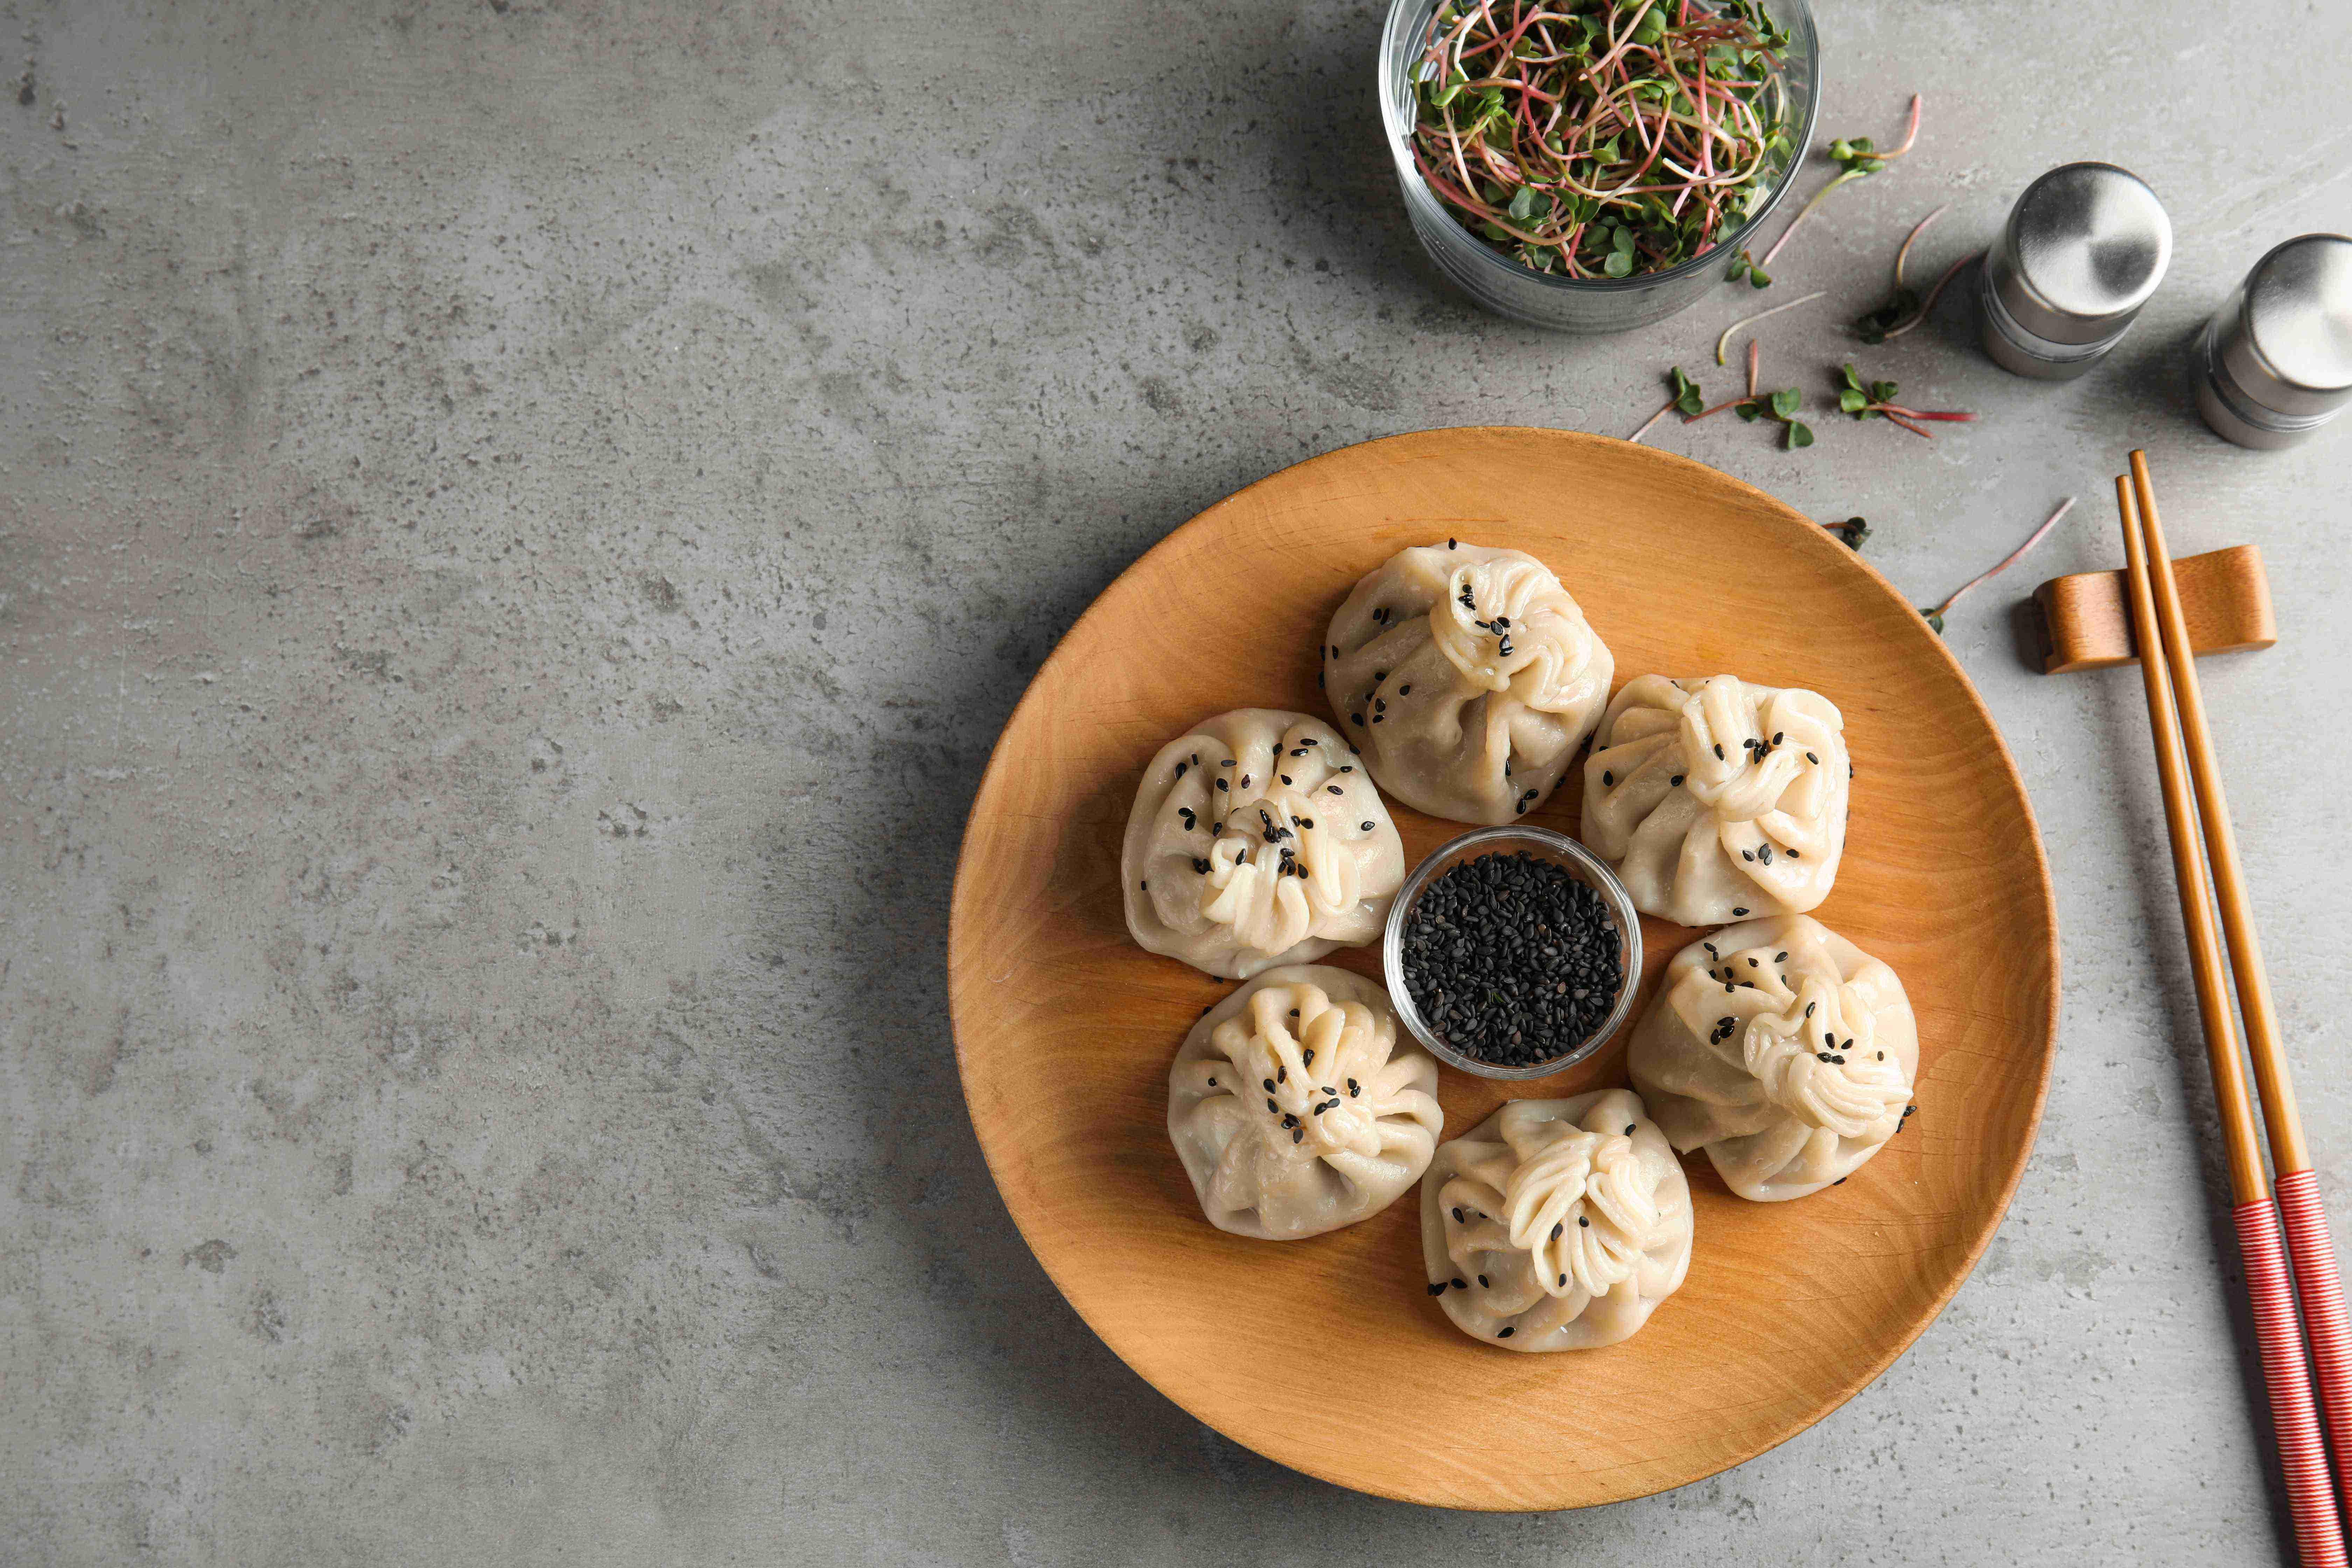 Esplode il food trend per Bao e Ravioli